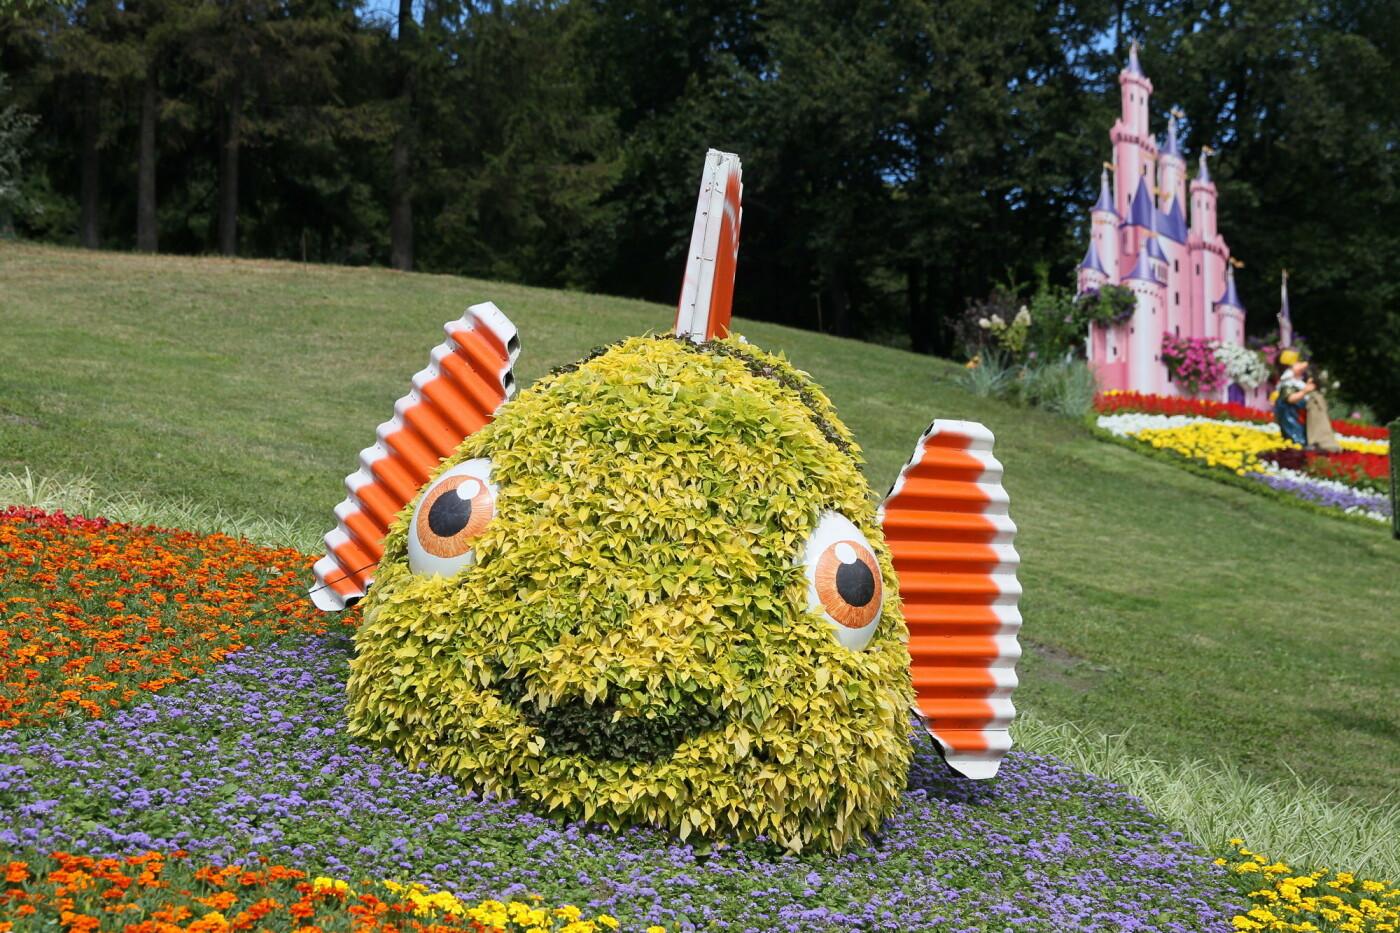 В Киеве на Певческом поле проходит выставка цветов «Мульт-ленд» - ФОТО, фото-11